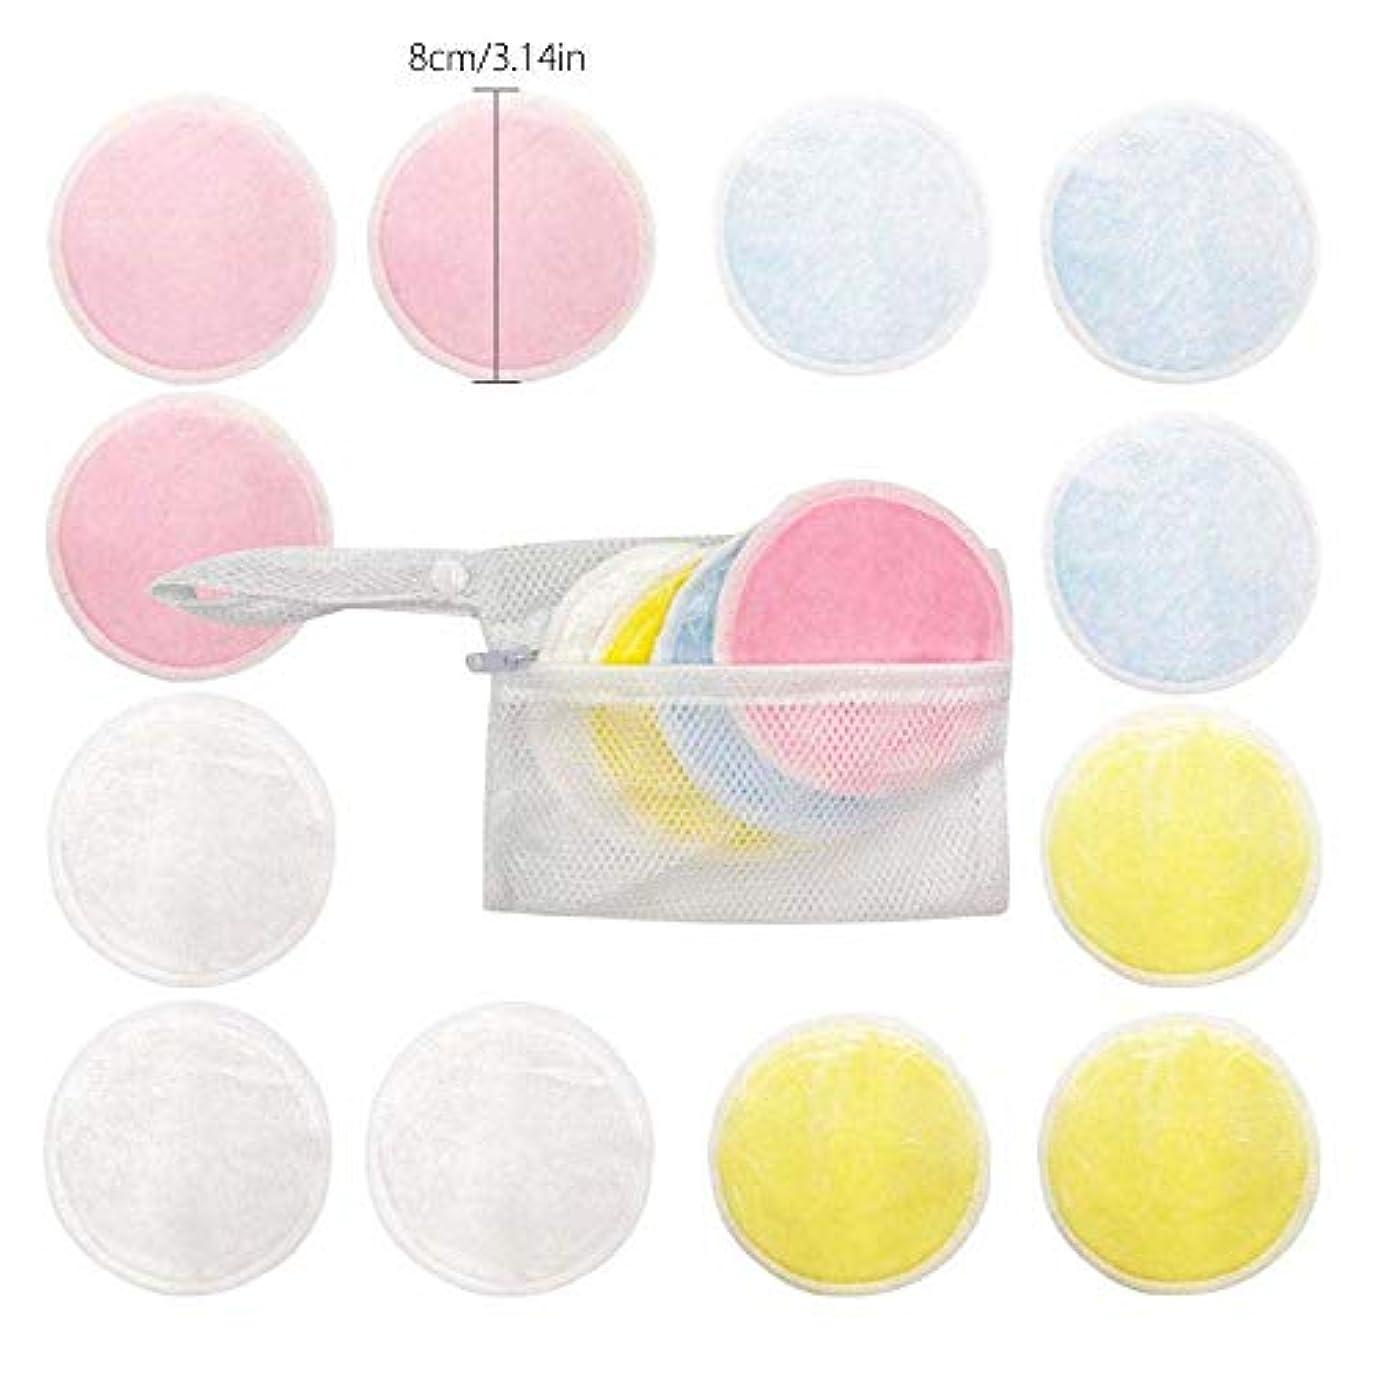 ユニセックス 洗面再利用可能 3層化粧品除去パッド顔清潔ワイプ 化粧落としコットン 肌に優しい 20セット